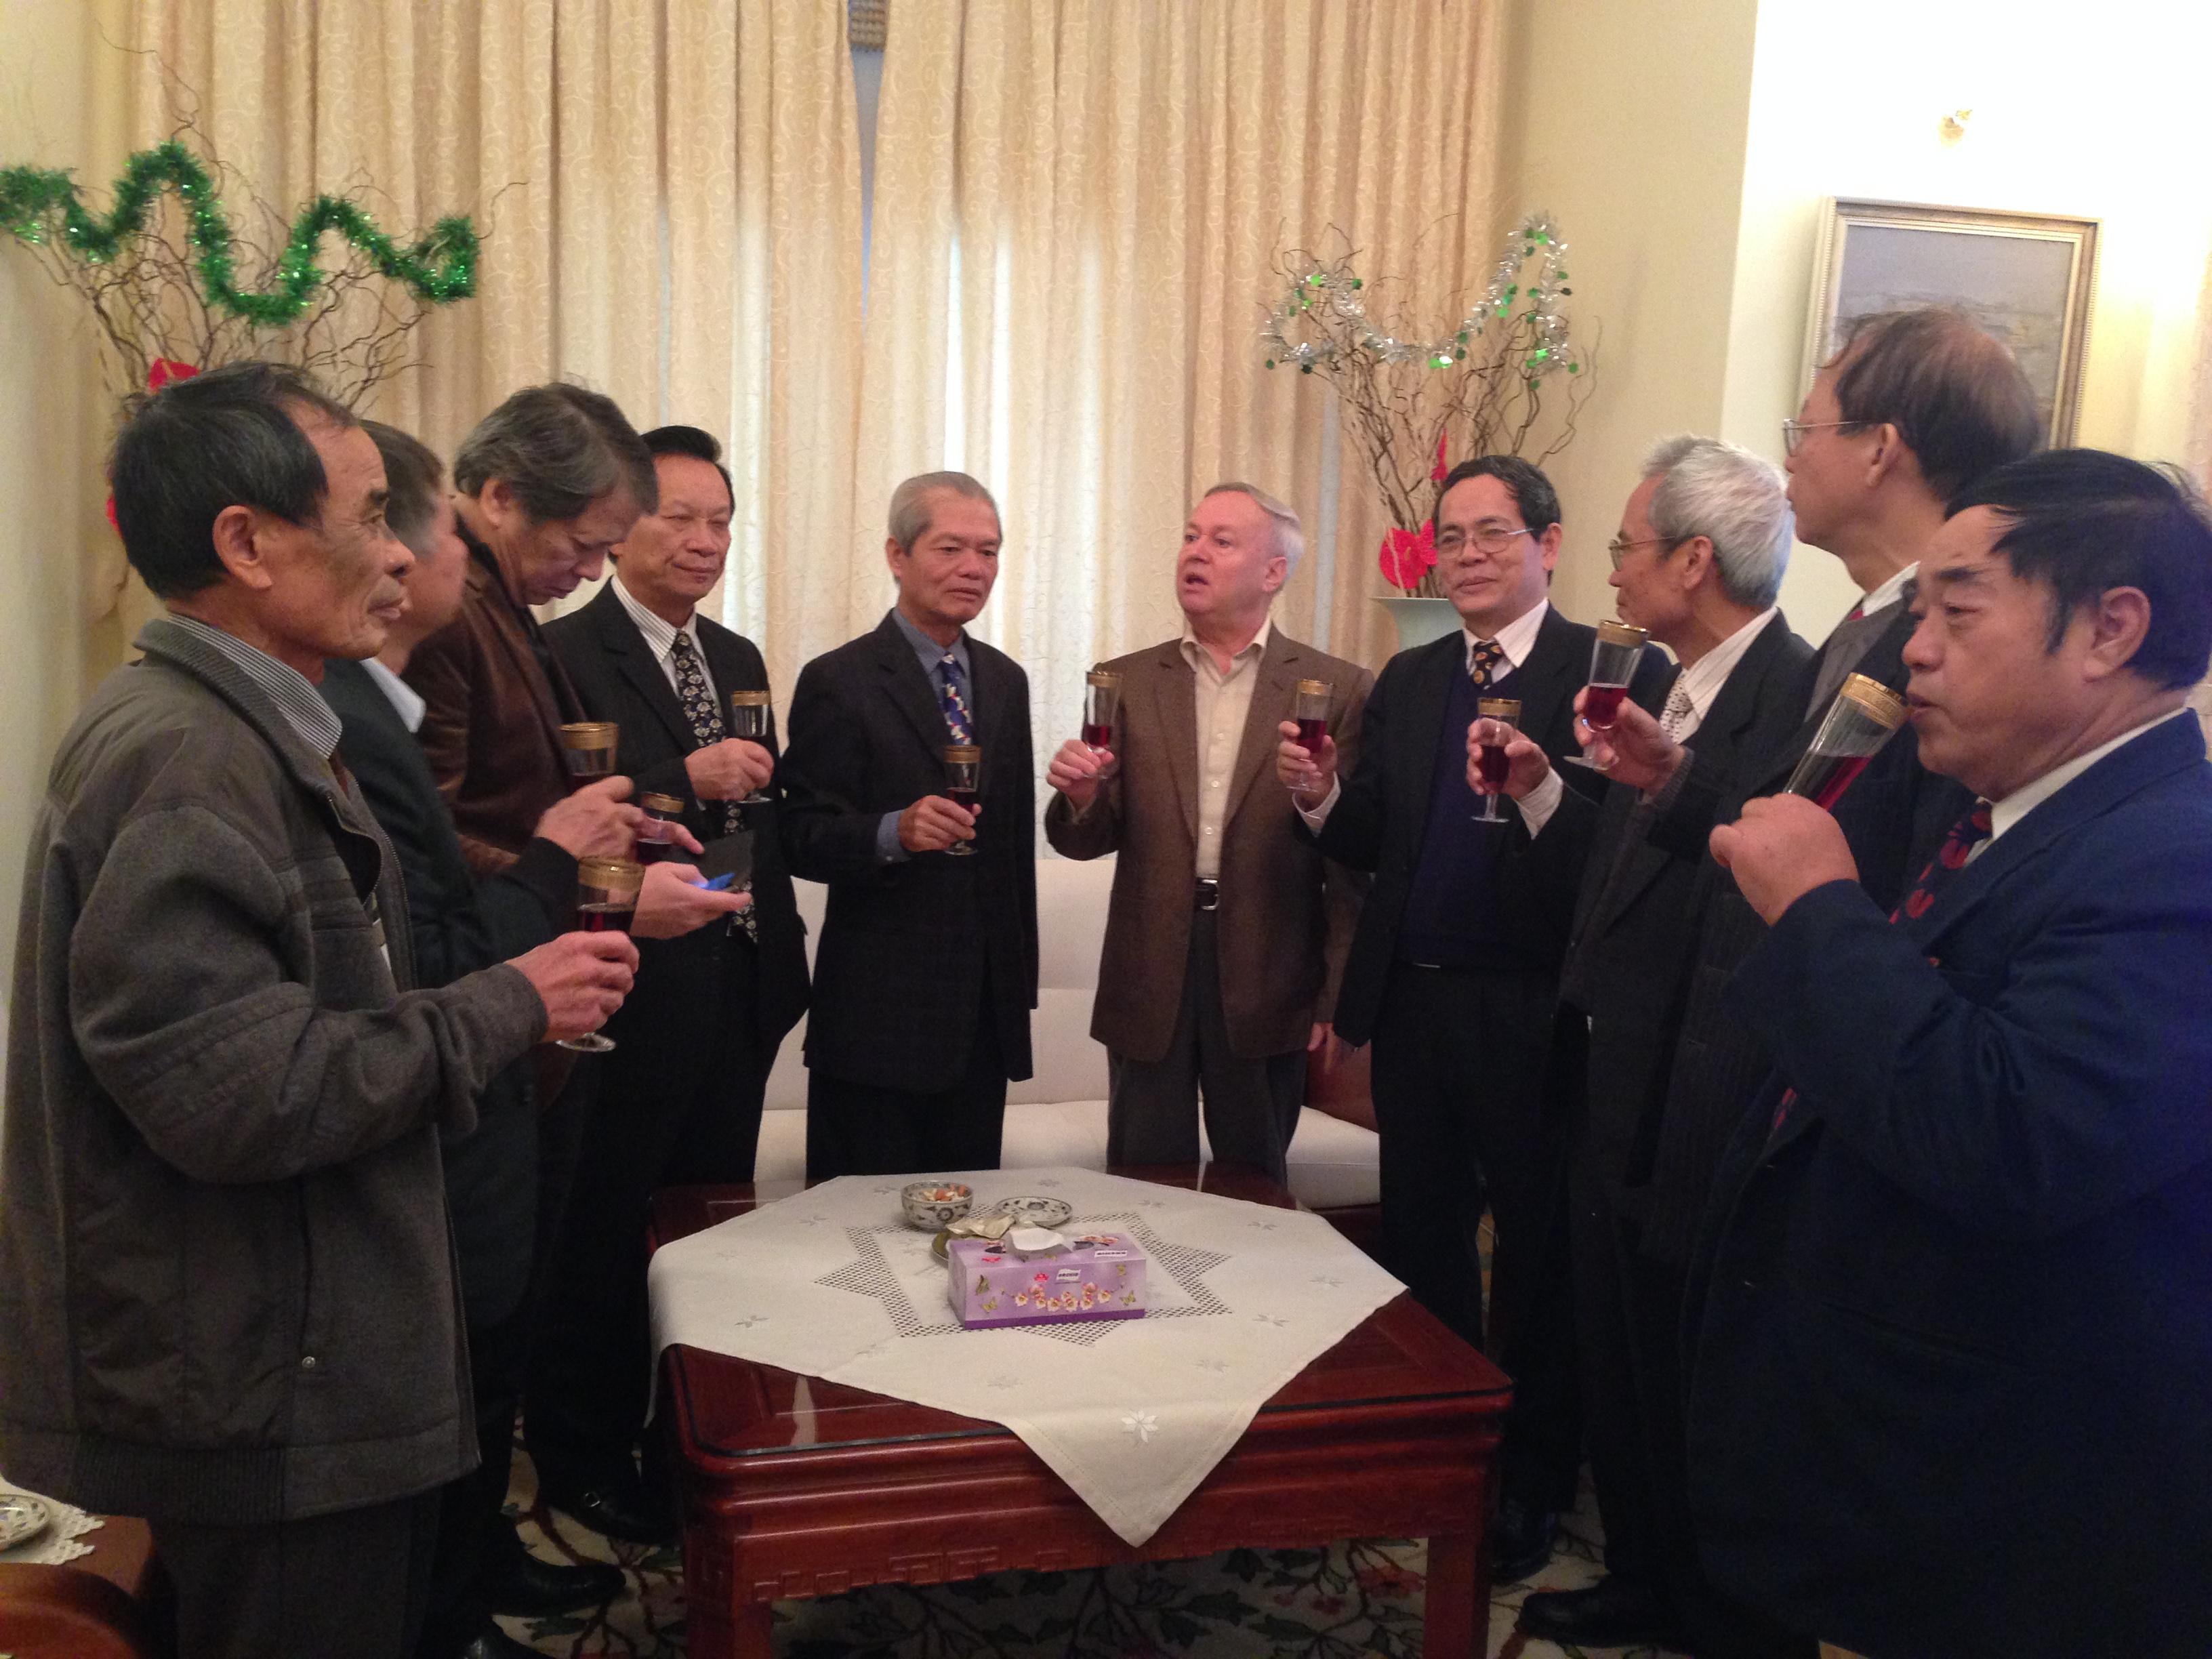 Lãnh đạo TW Hội cùng Chủ tịch các Chi Hội ĐHXD Bucarest., TP Cluj-Napoca, ĐHBK Iasi, ĐHTH Iasi chúc tết ĐS Valeriu Arteni nhân dịp Noel và Năm mới 2016 (28/12/2015).